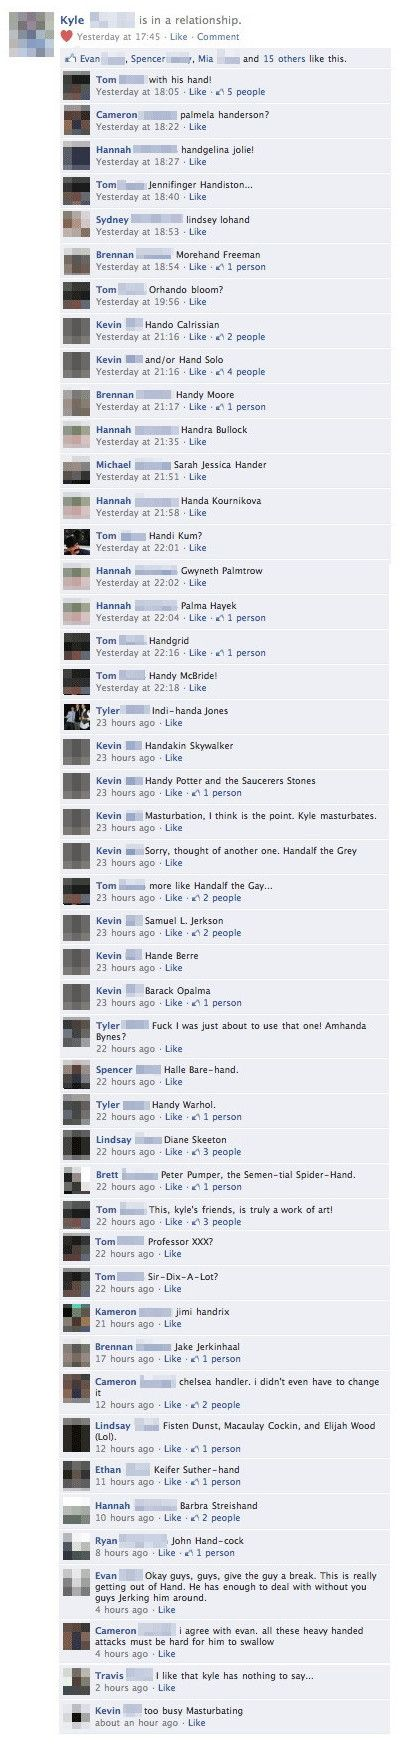 sqlalchemy update relationship on facebook